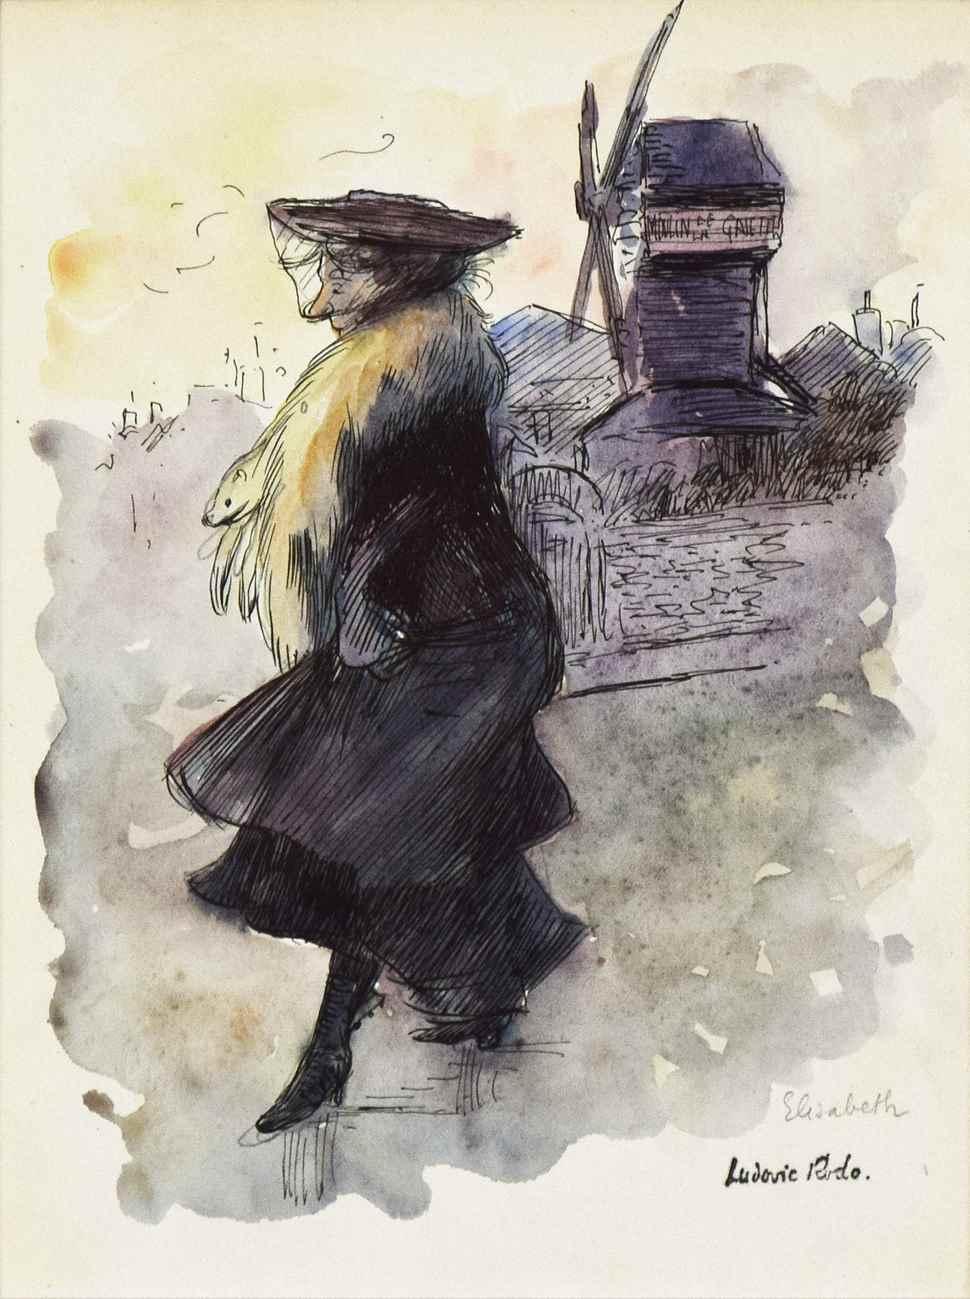 Le Moulin de la Galette - Ludovic-Rodo Pissarro (1878 - 1952)